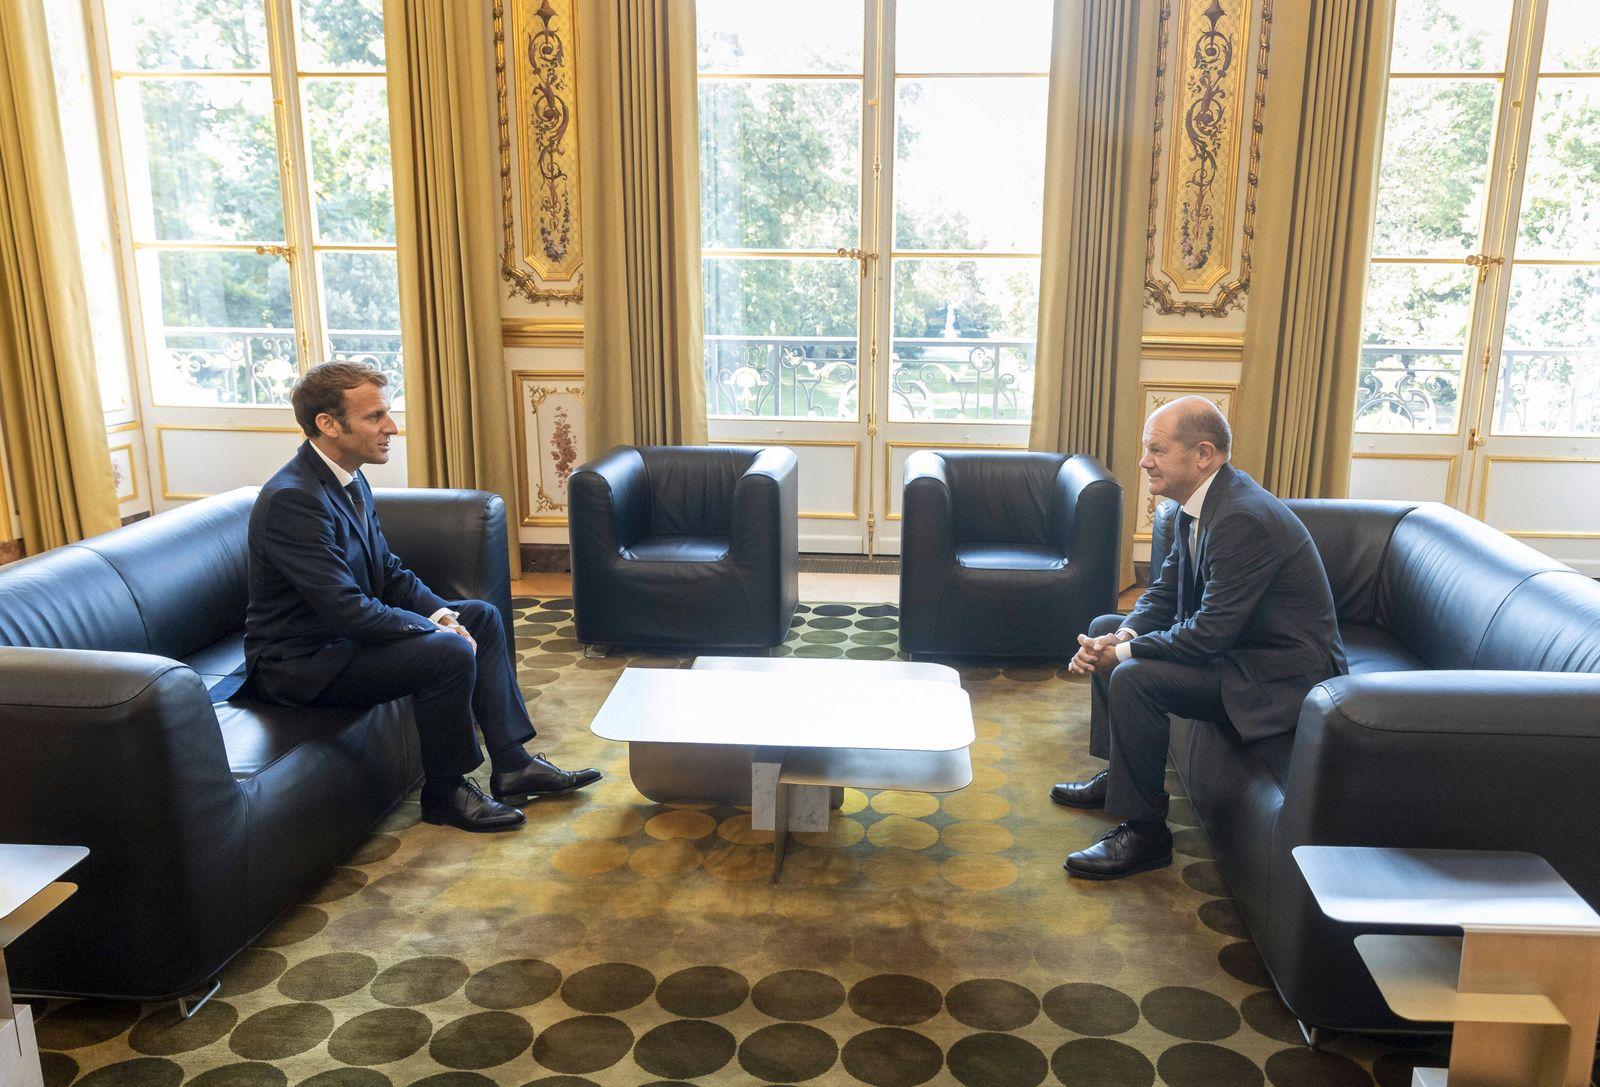 News Themen der Woche KW36 News Bilder des Tages Bundesfinanzminister Olaf Scholz, SPD, trifft in Paris den franzoesiche